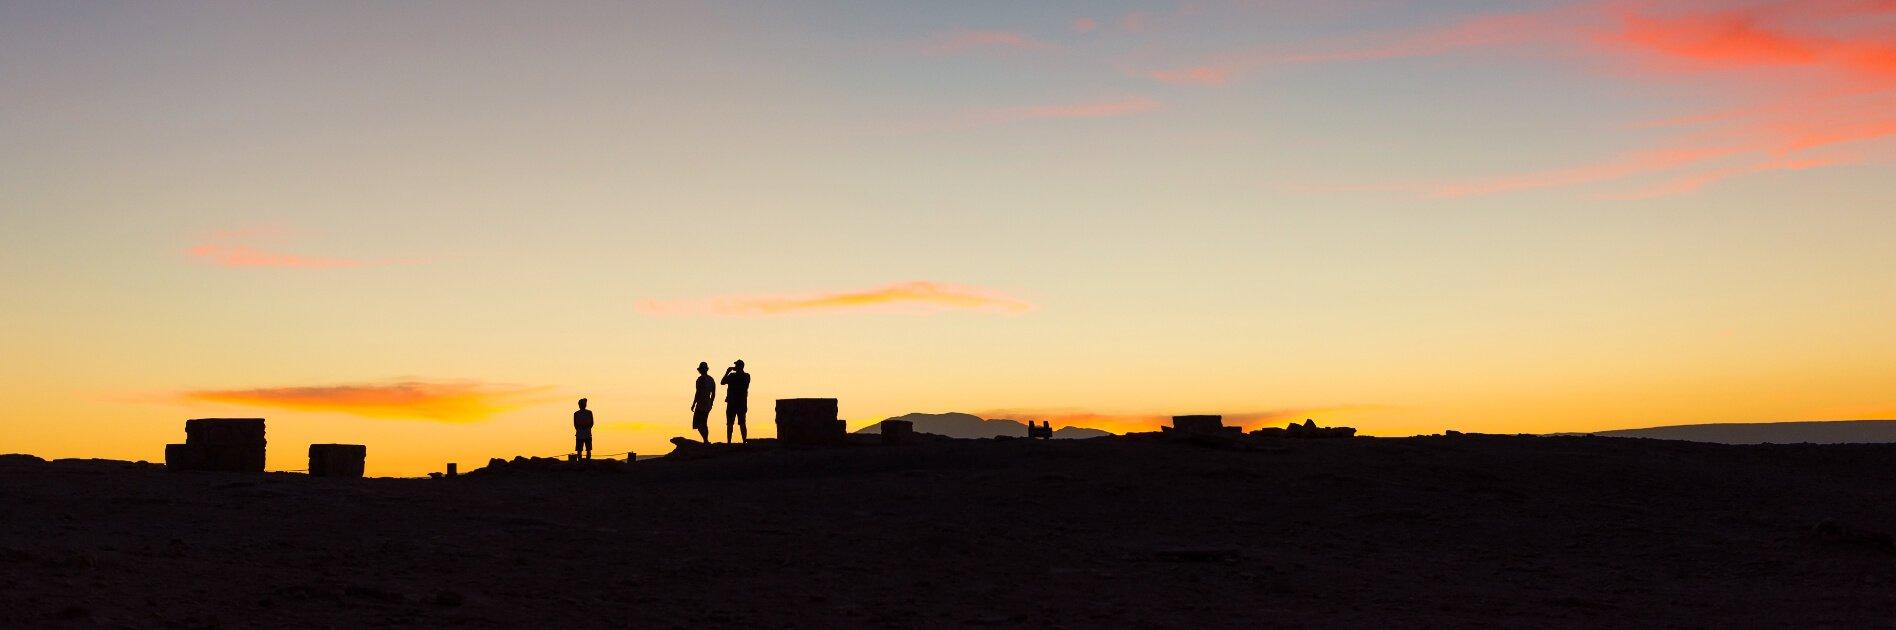 Mastroviaggiatore Chile Atacama desert